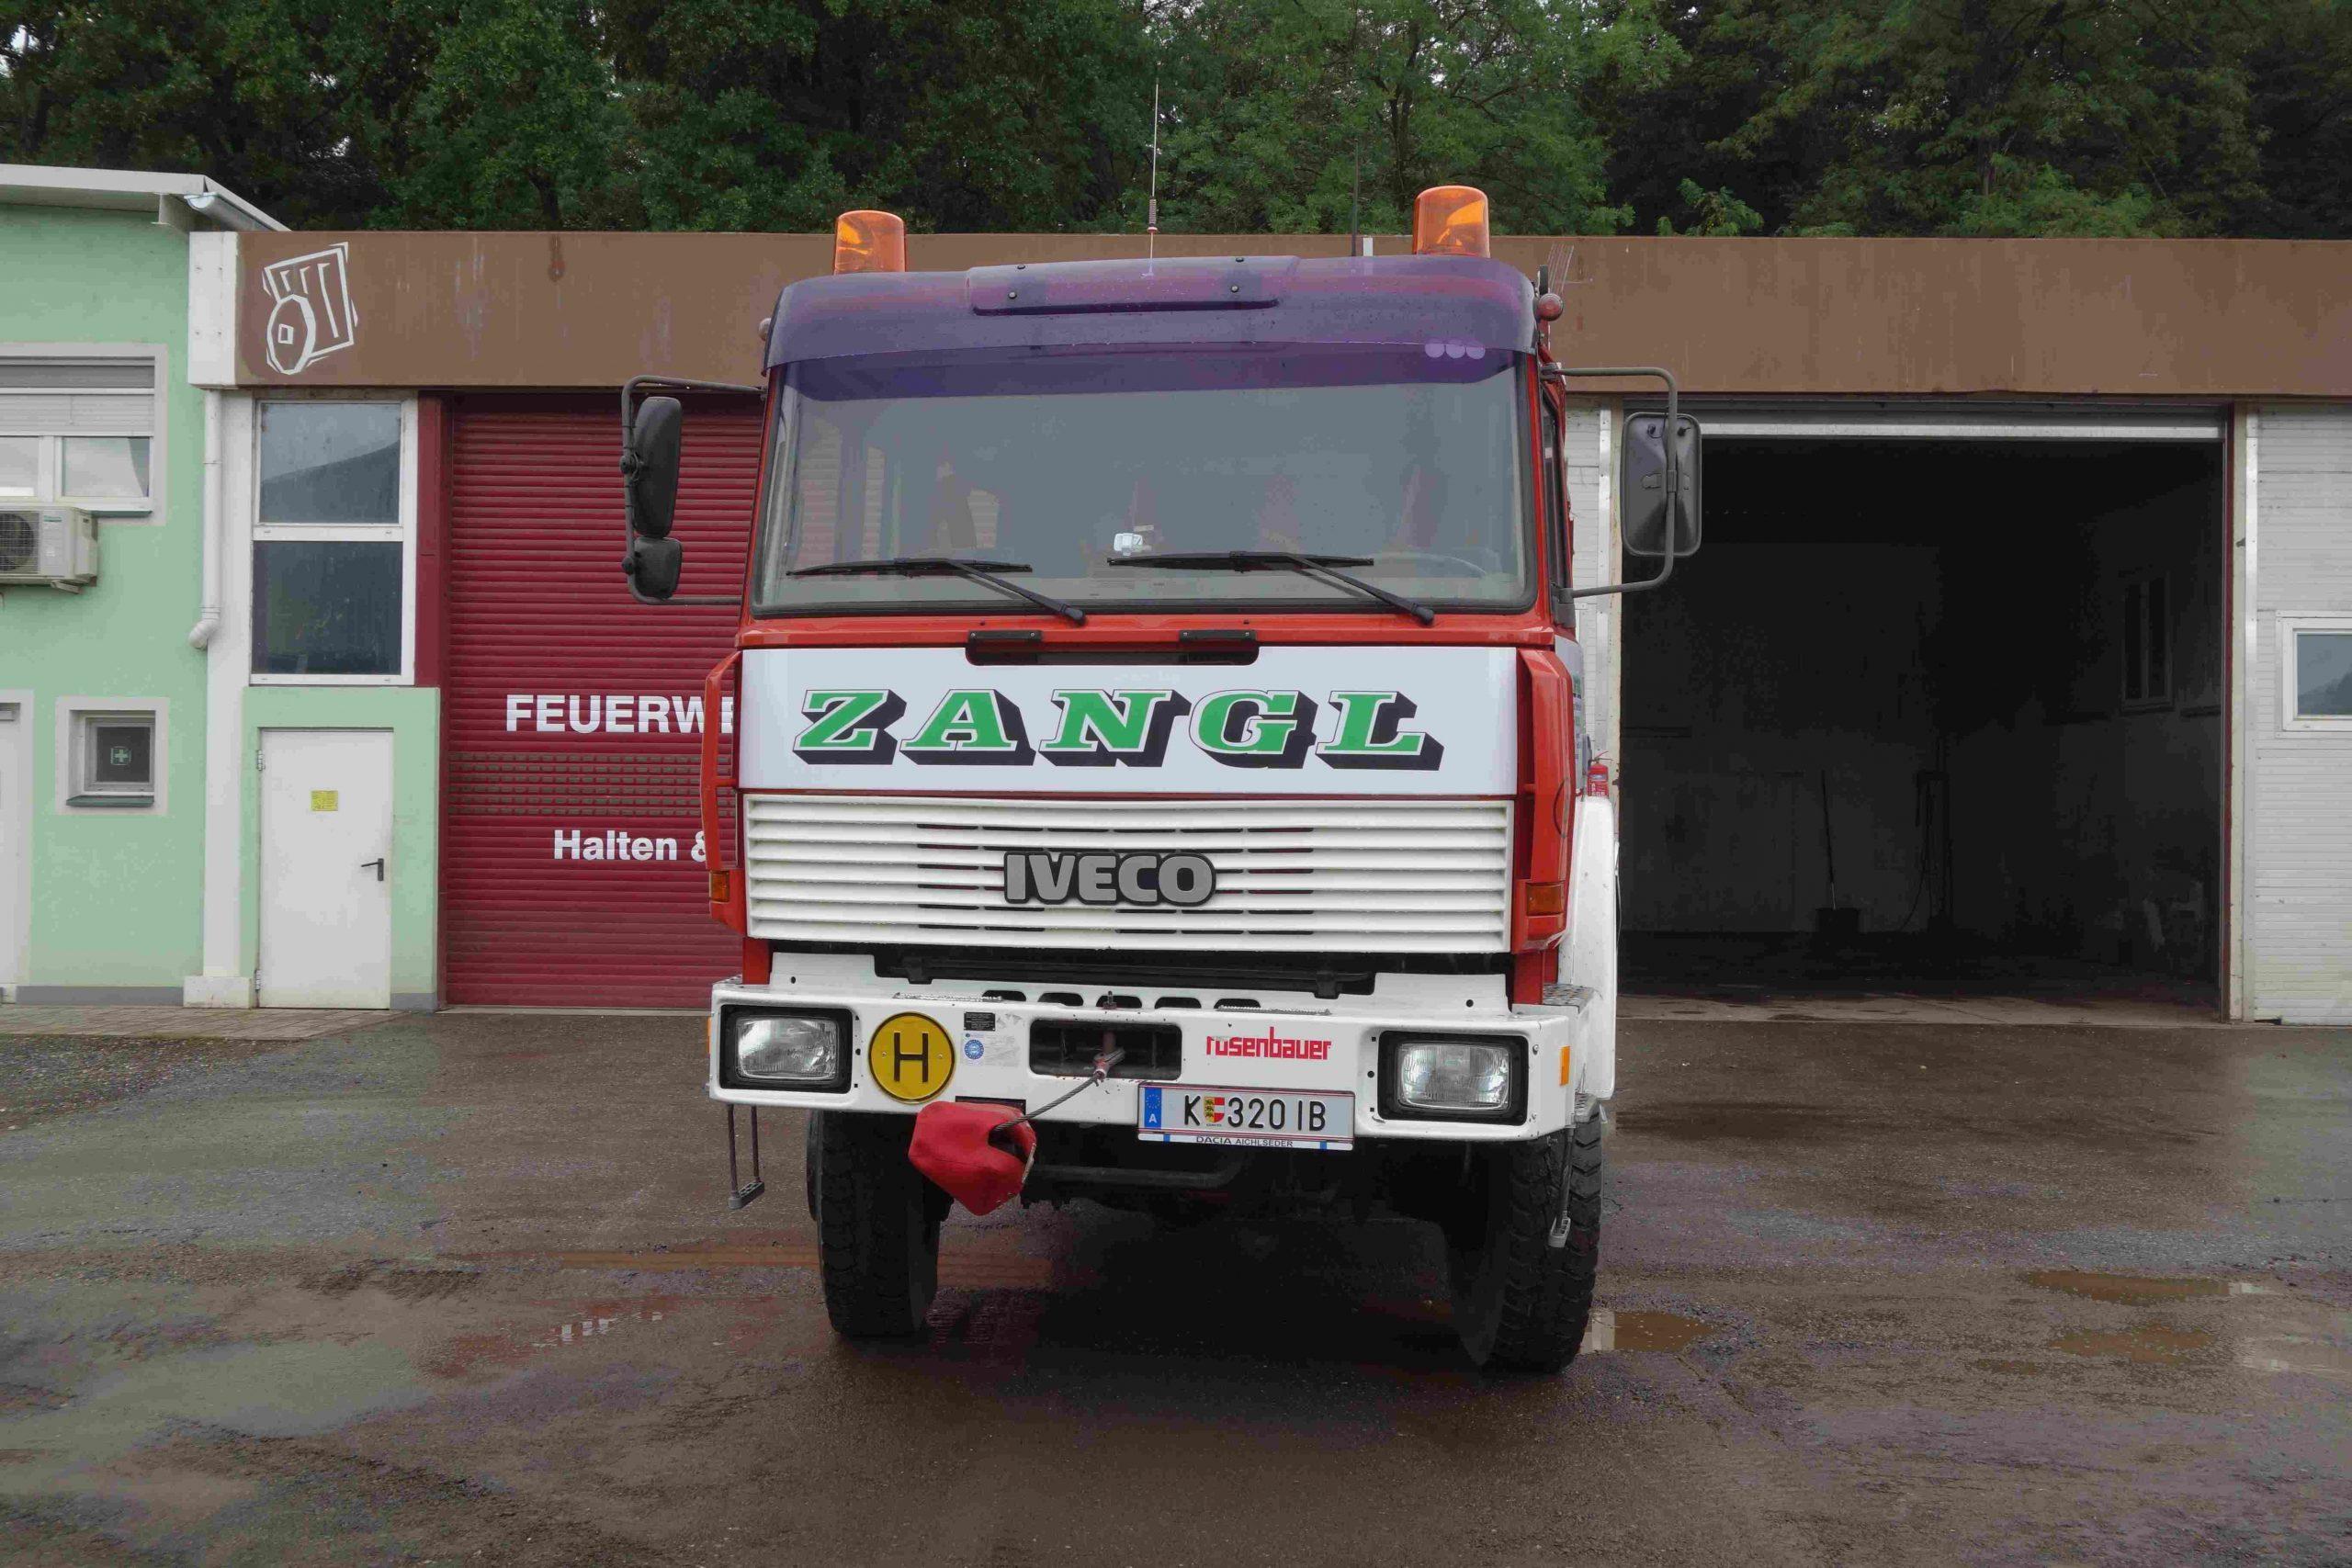 Iveco TLFA 190-25 V8 4x4, Baujahr 1992.